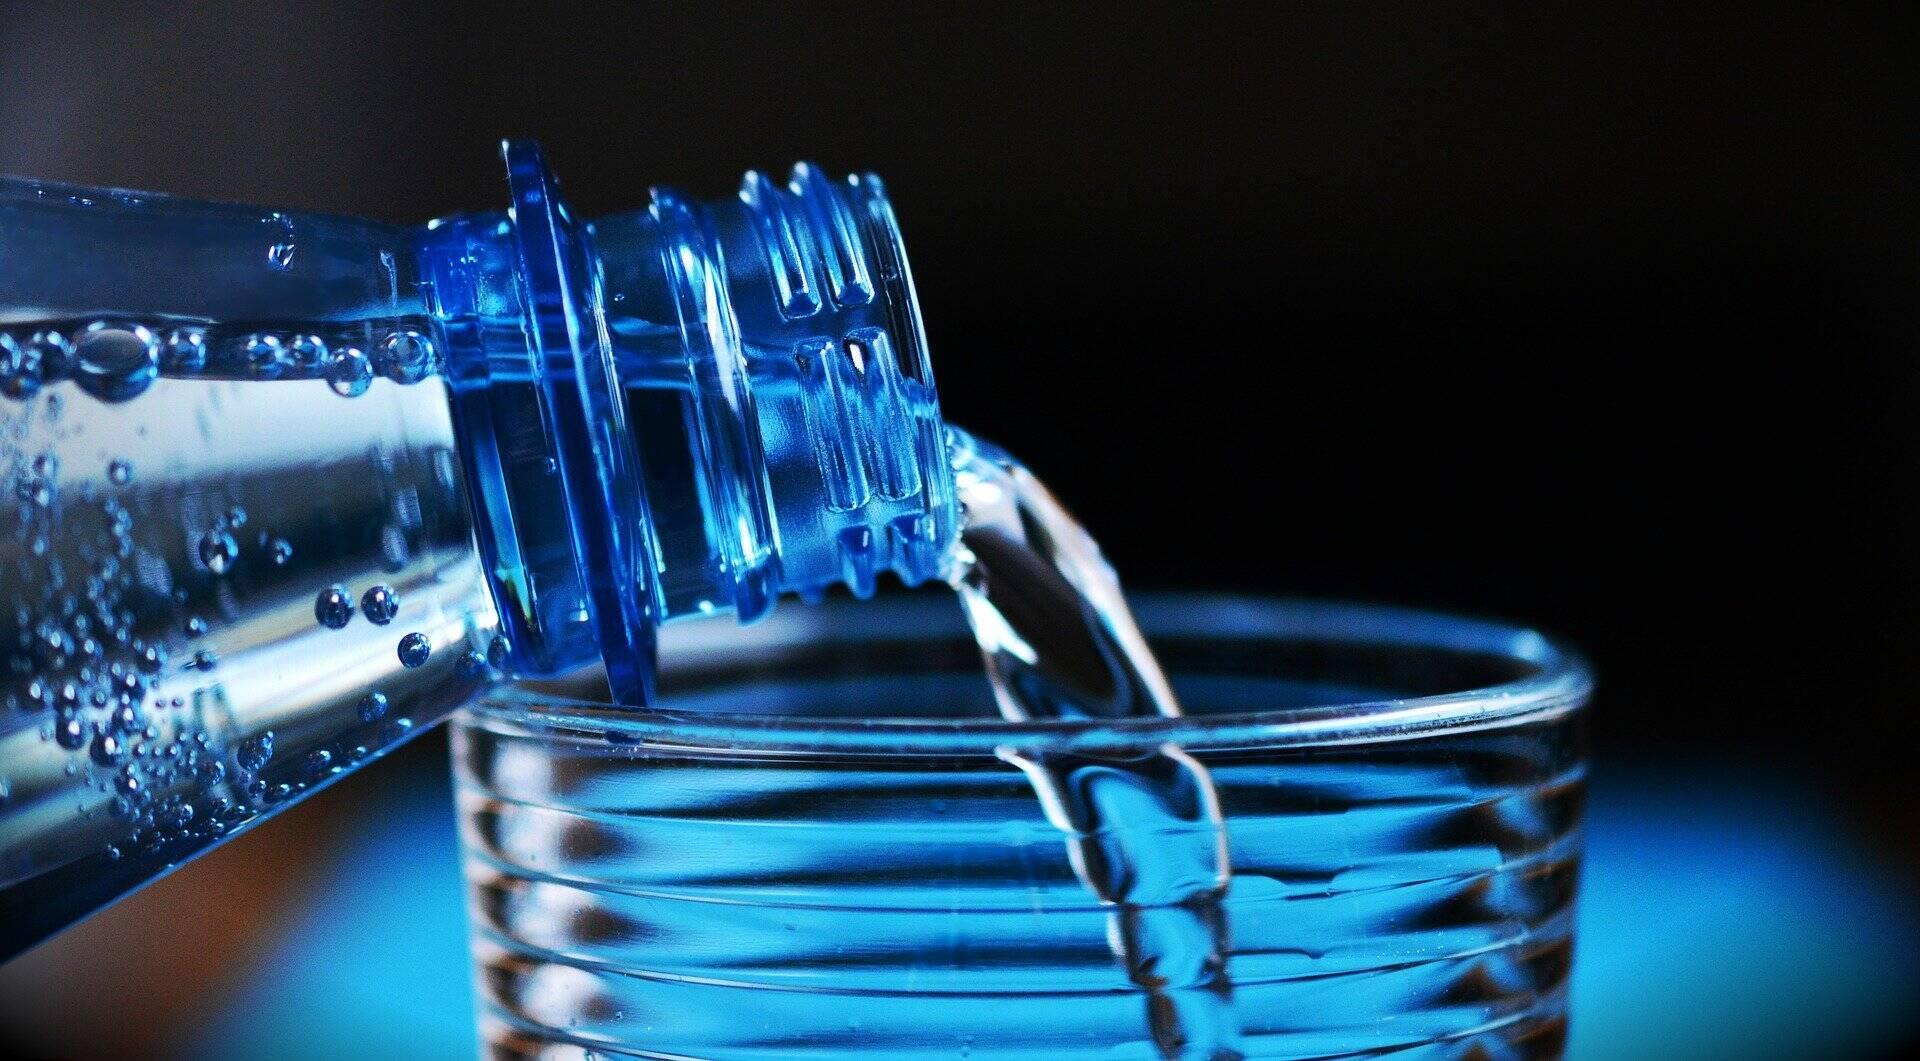 Людям рекомендуют пить чистую привозную воду